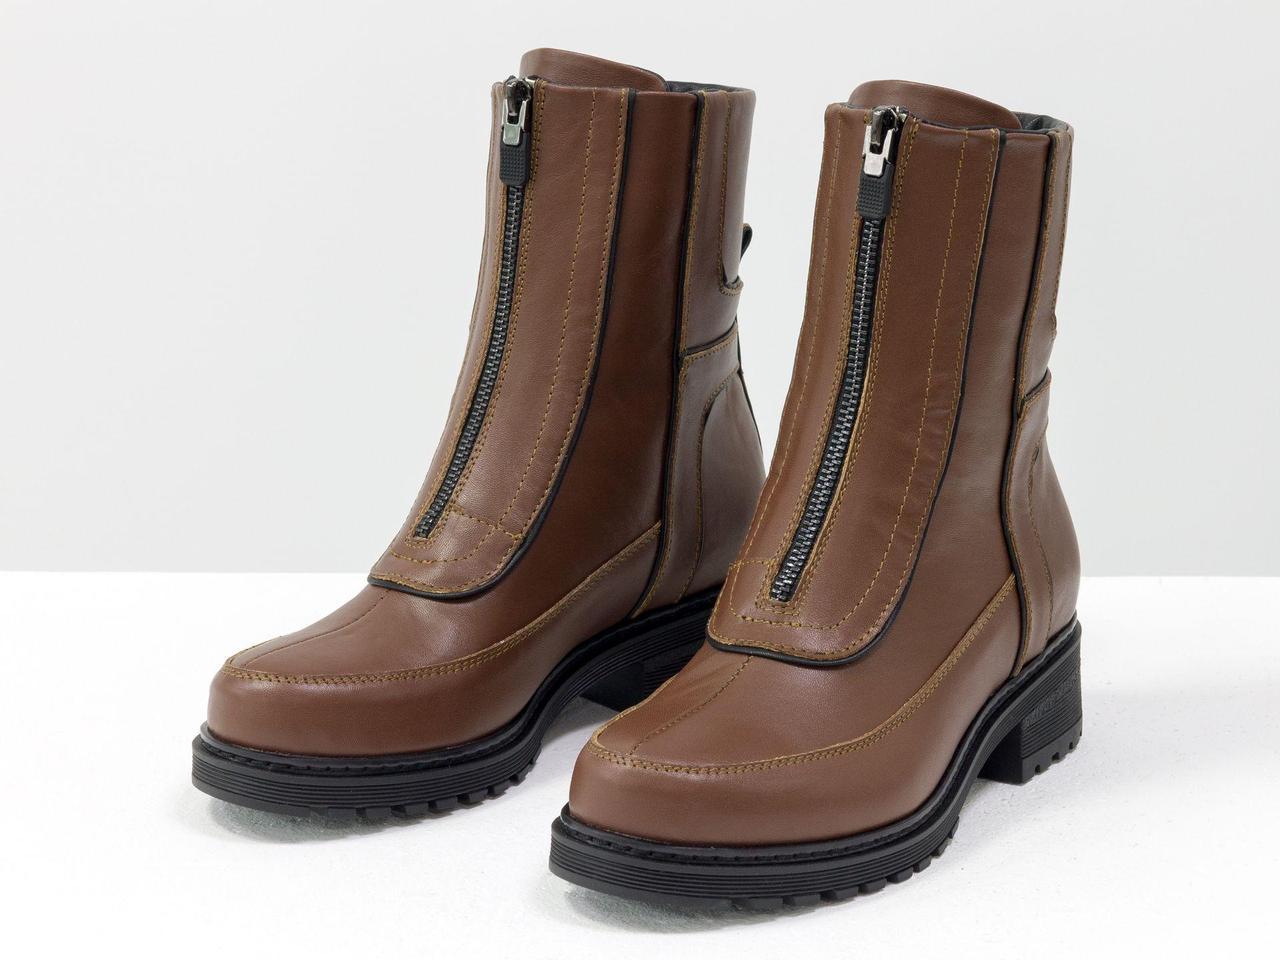 Модні високі дизайнерські черевики з натуральної шкіри світло-коричневого кольору, 36-41р.